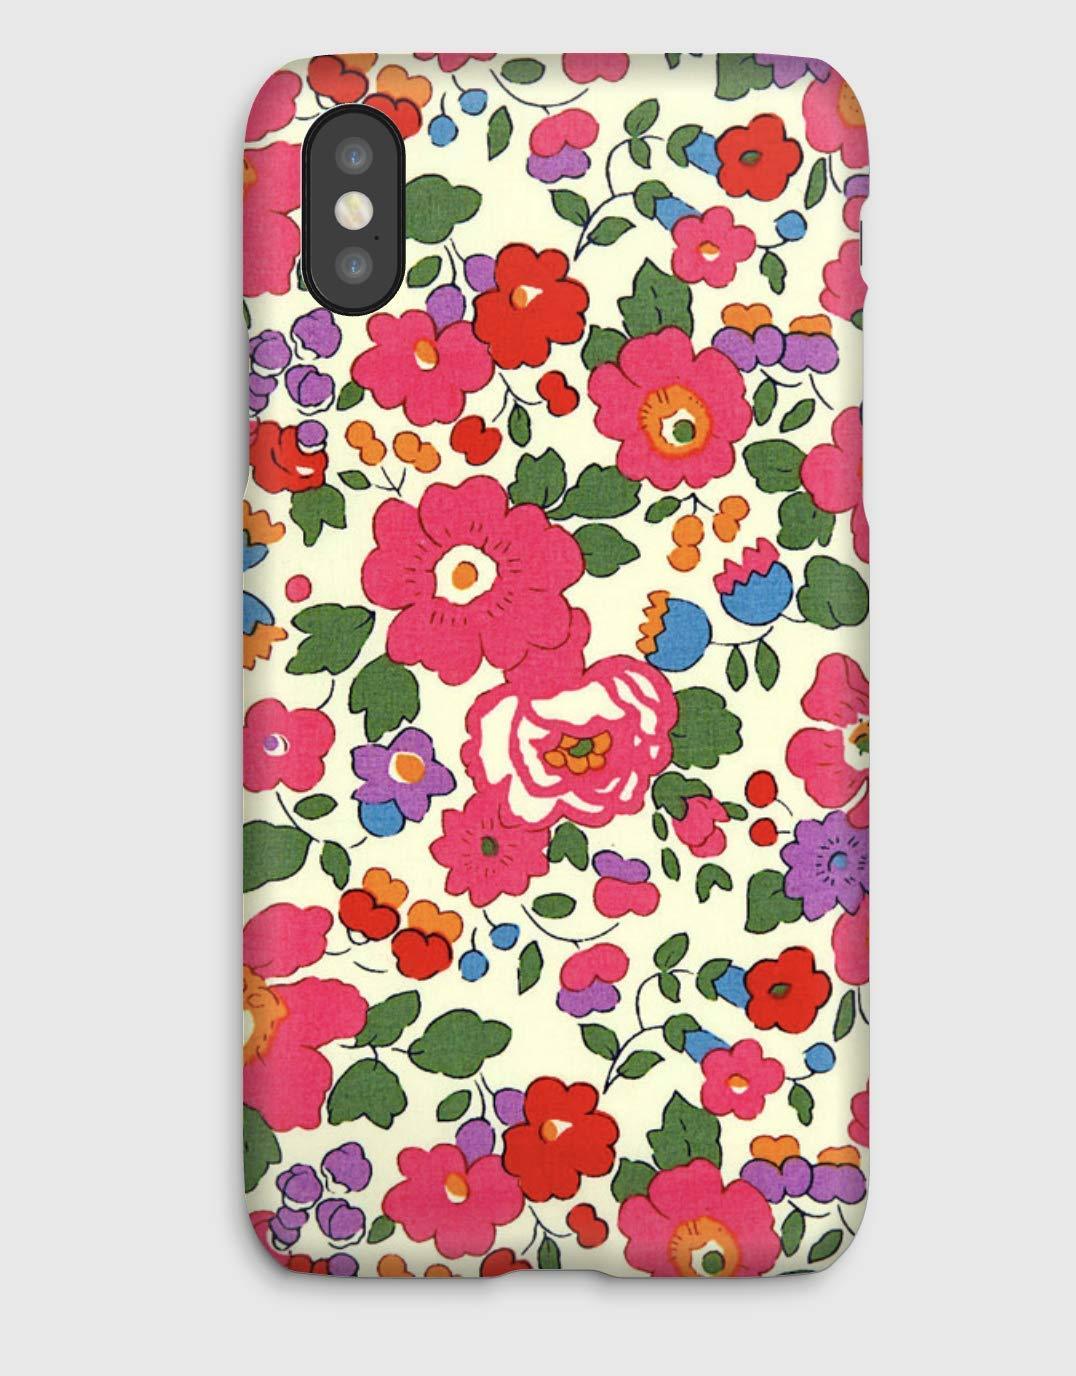 Betsy J, coque pour iPhone XS, XS Max, XR, X, 8, 8+, 7, 7+, 6S, 6, 6S+, 6+, 5C, 5, 5S, 5SE, 4S, 4,